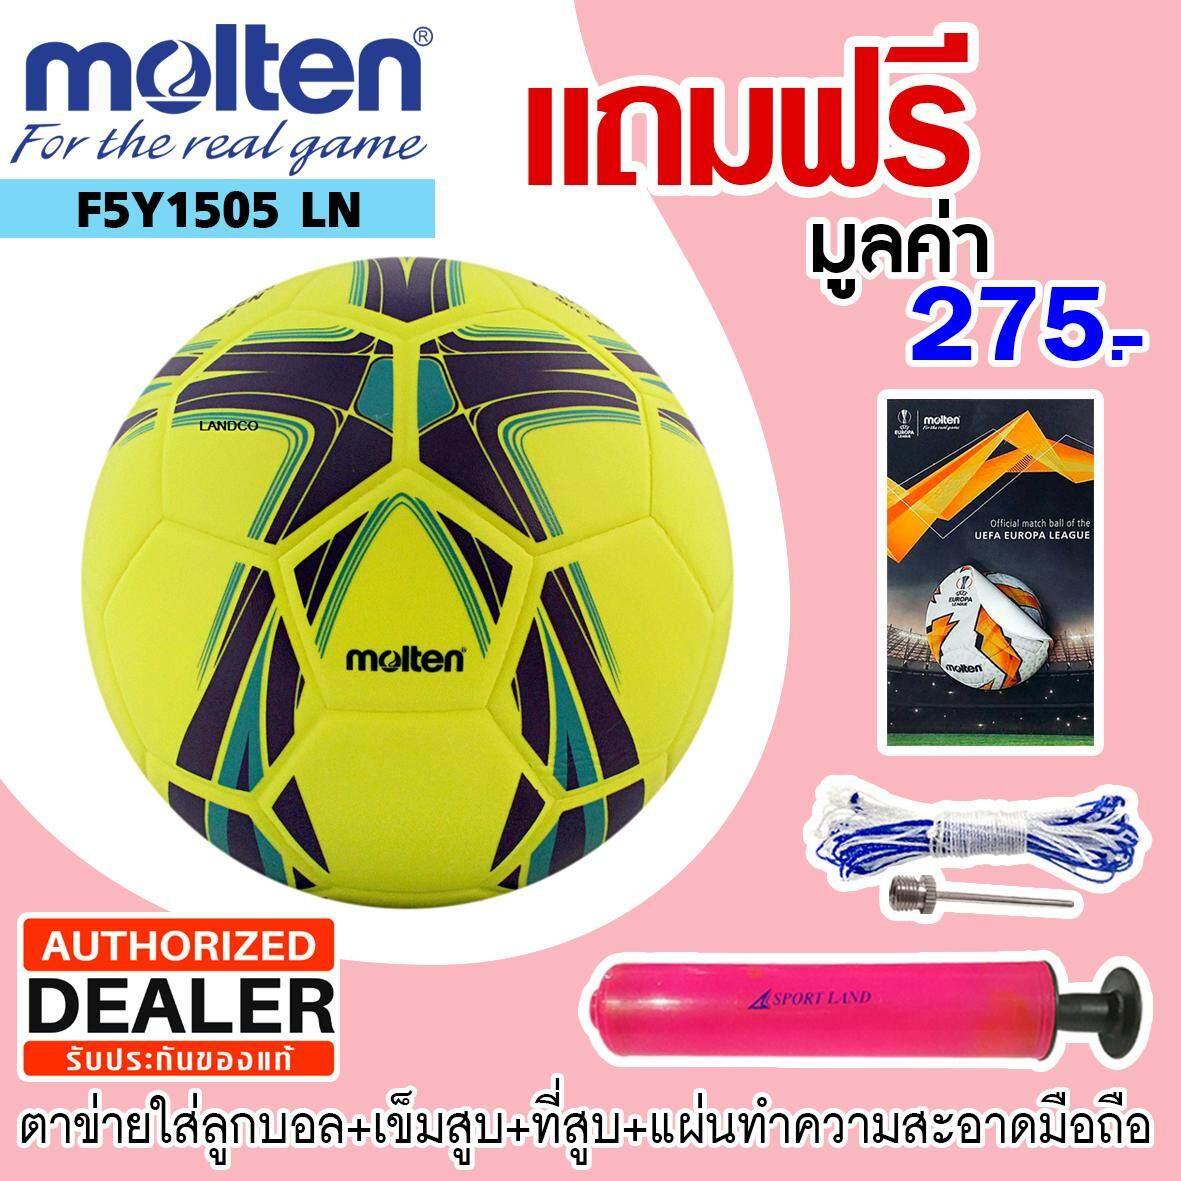 ยี่ห้อไหนดี  MOLTEN ฟุตบอลหนัง  Football PVC F5Y1505 LN เบอร์ 5 แถมฟรี ตาข่ายใส่ลูกฟุตบอล + เข็มสูบลม + สูบมือ SPL รุ่น SL6 สีชมพู + แผ่นทำความสะอาดมือถือ